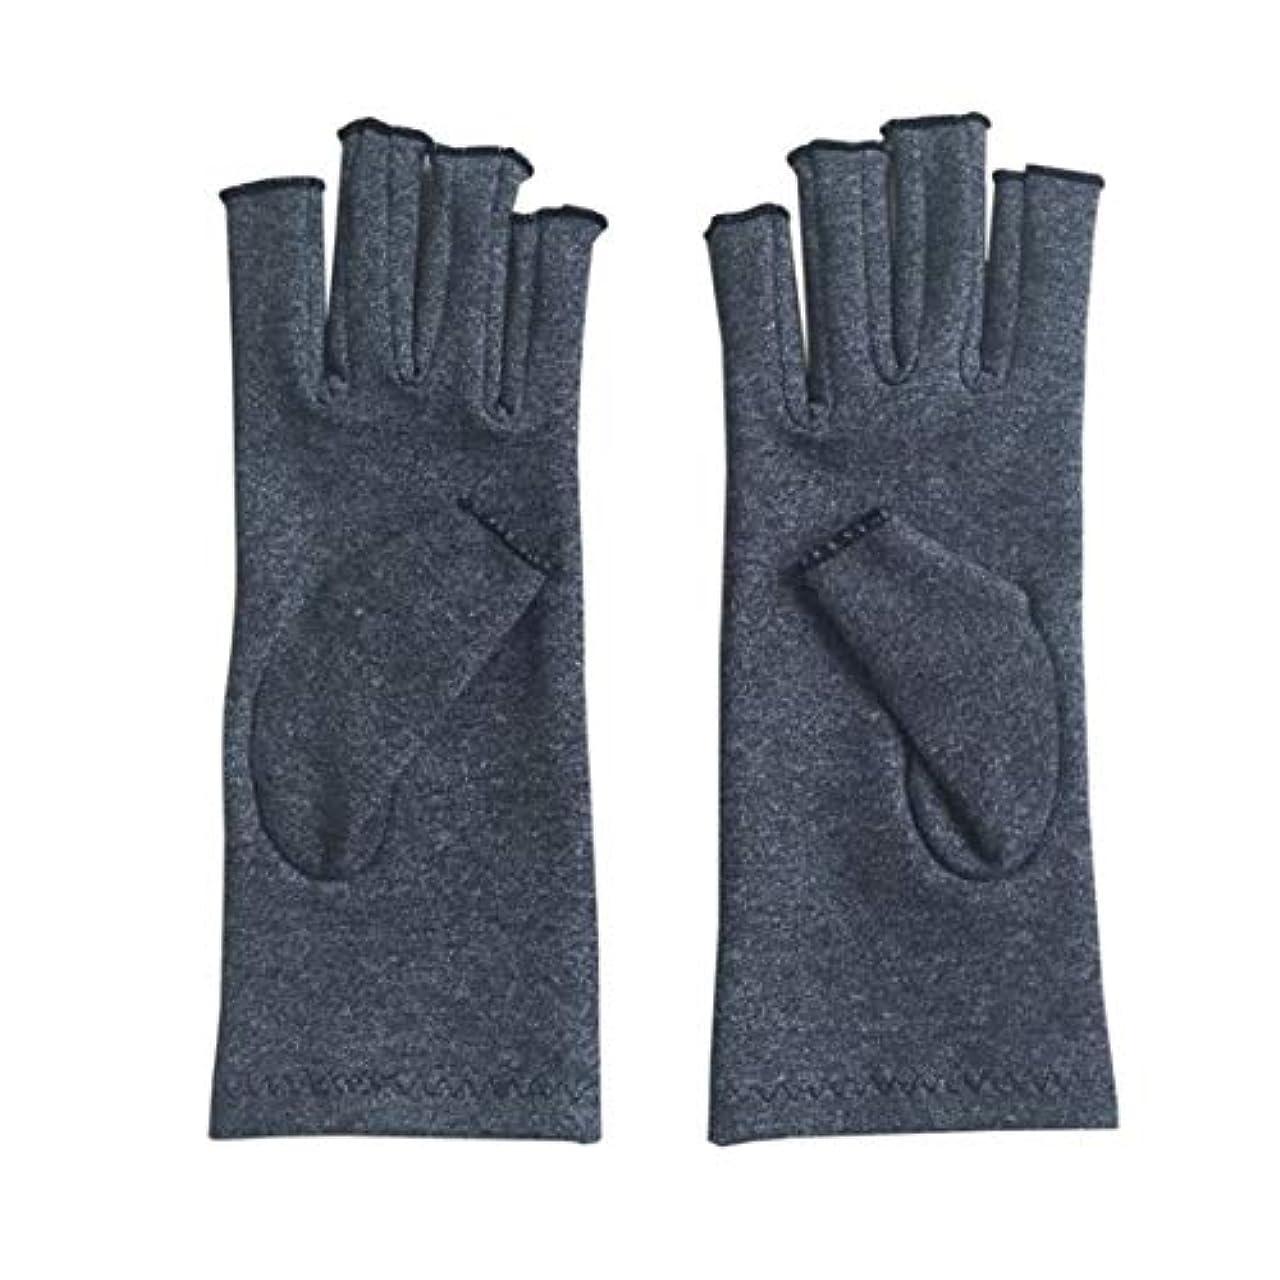 羊のヒューム混乱したAペア/セット快適な男性用女性療法圧縮手袋無地通気性関節炎関節痛緩和手袋 - グレー